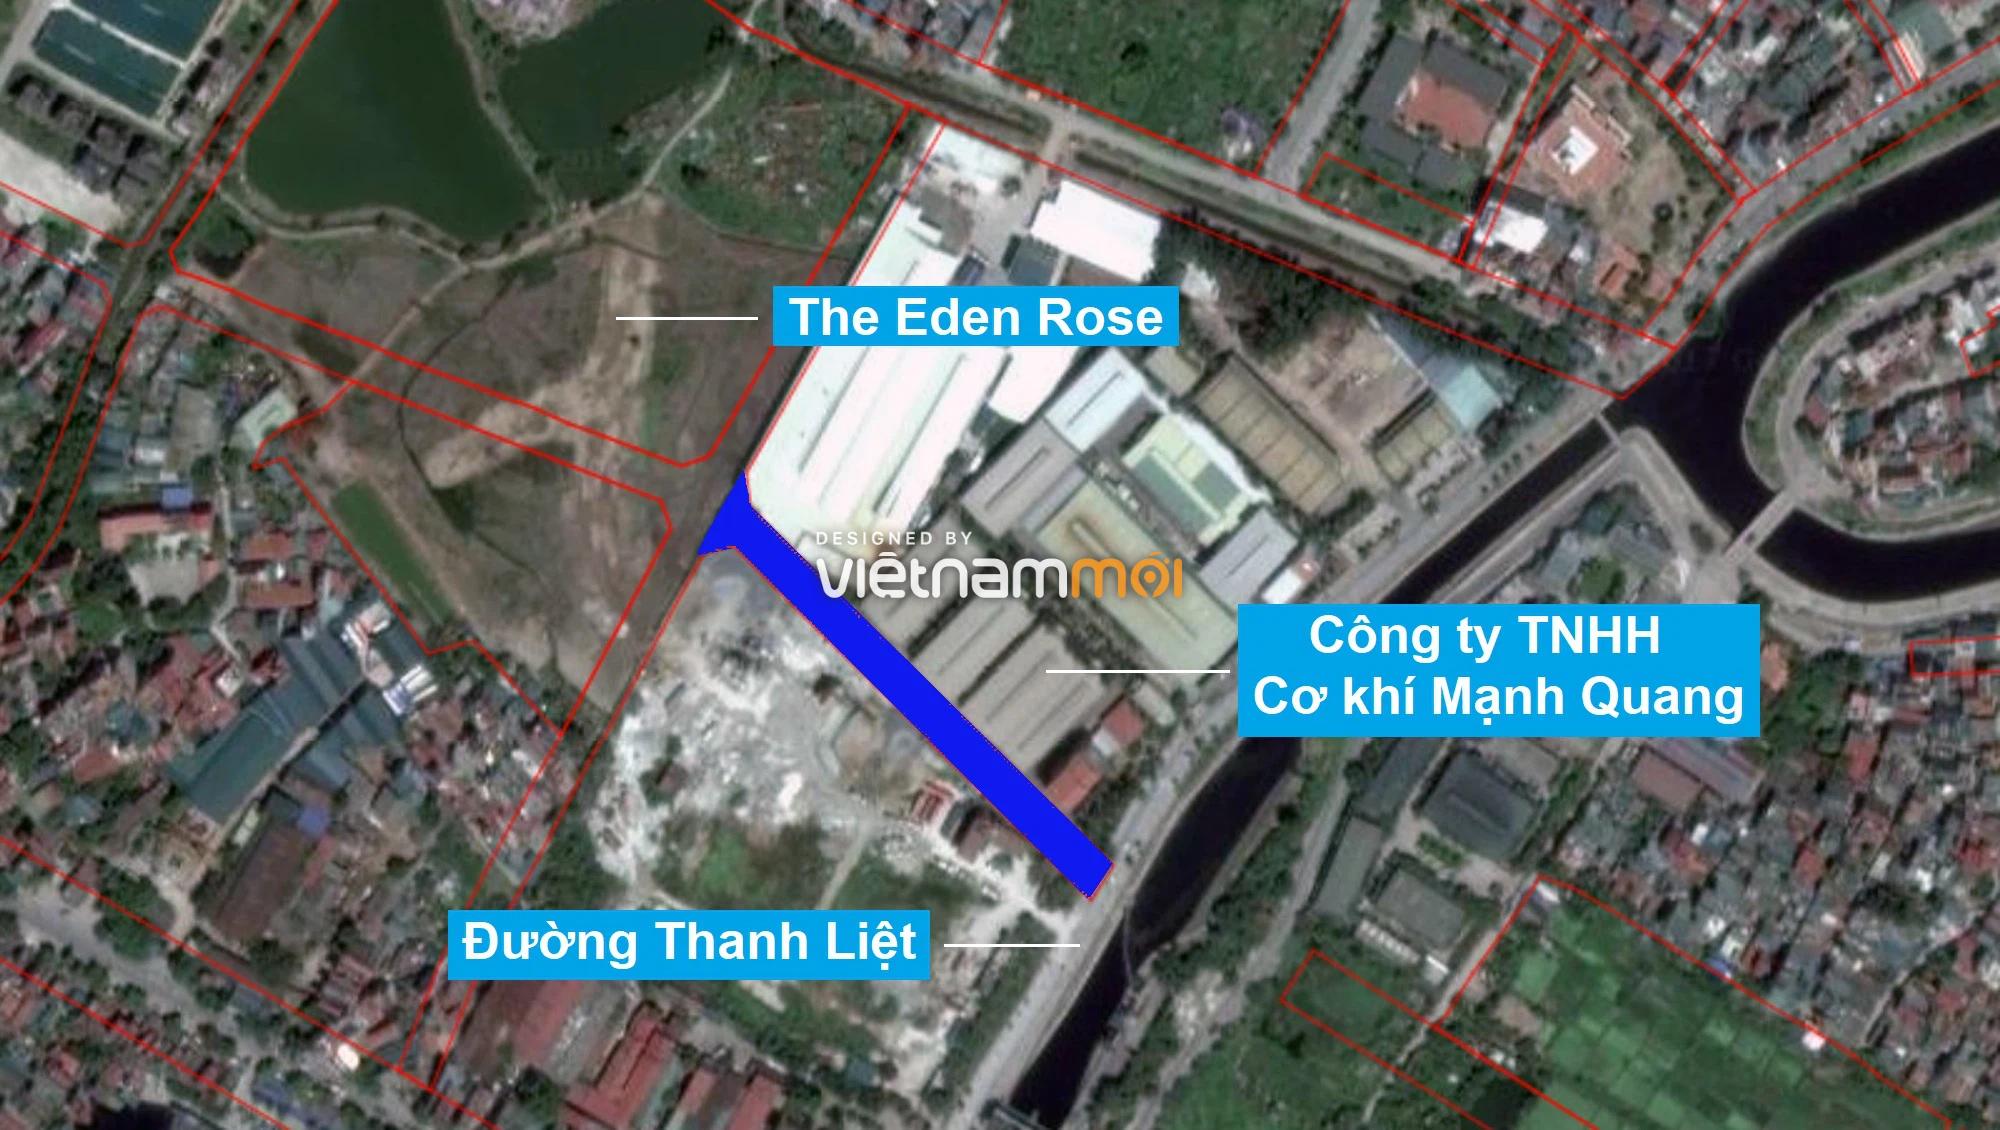 Những khu đất sắp thu hồi để mở đường ở xã Thanh Liệt, Thanh Trì, Hà Nội (phần 1) - Ảnh 2.